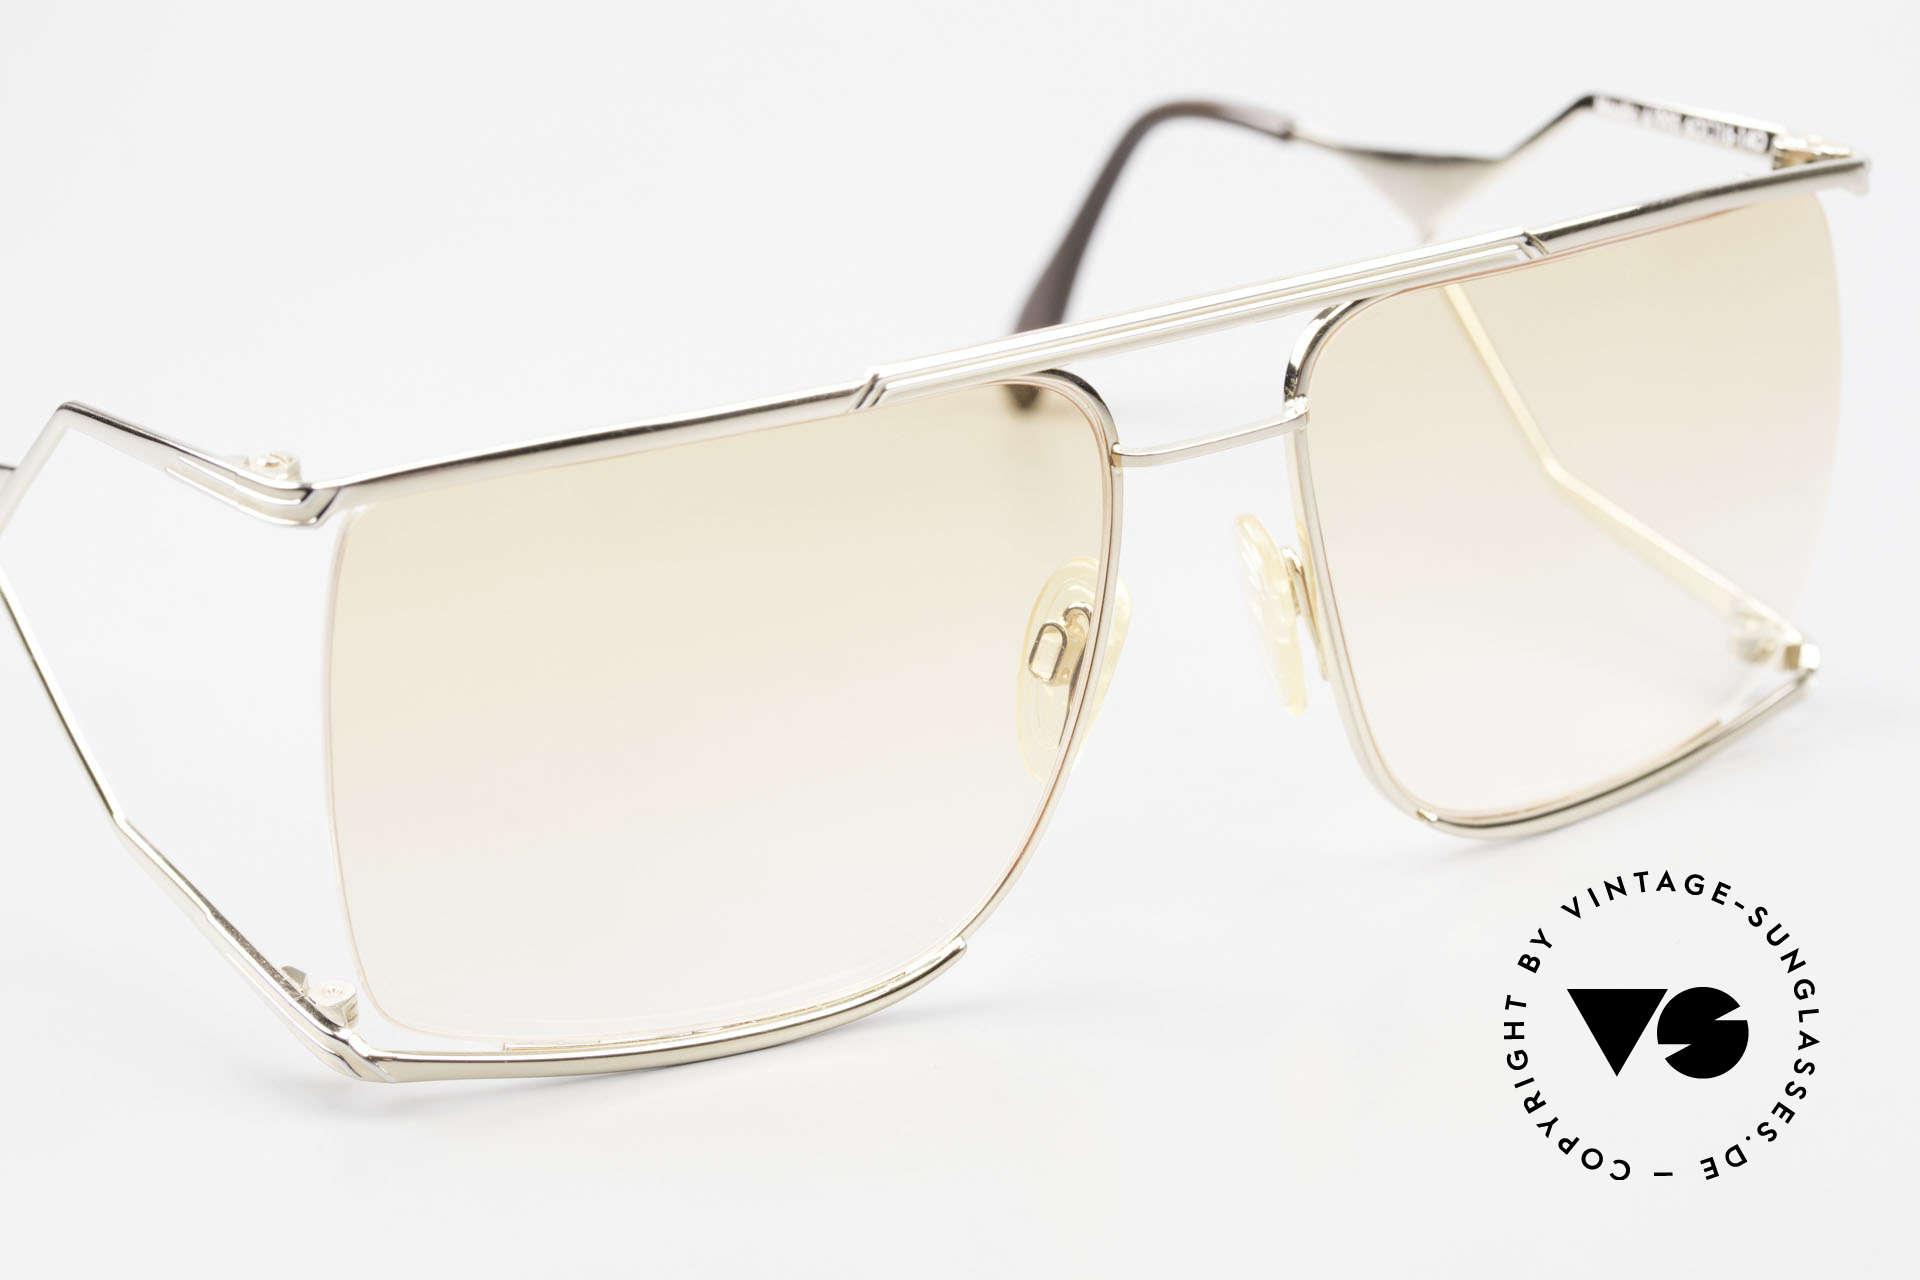 Neostyle Nautic 6 Miami Vice Vintage Brille 80er, ungetragenes Einzelstück (mit original Neostyle Box), Passend für Herren